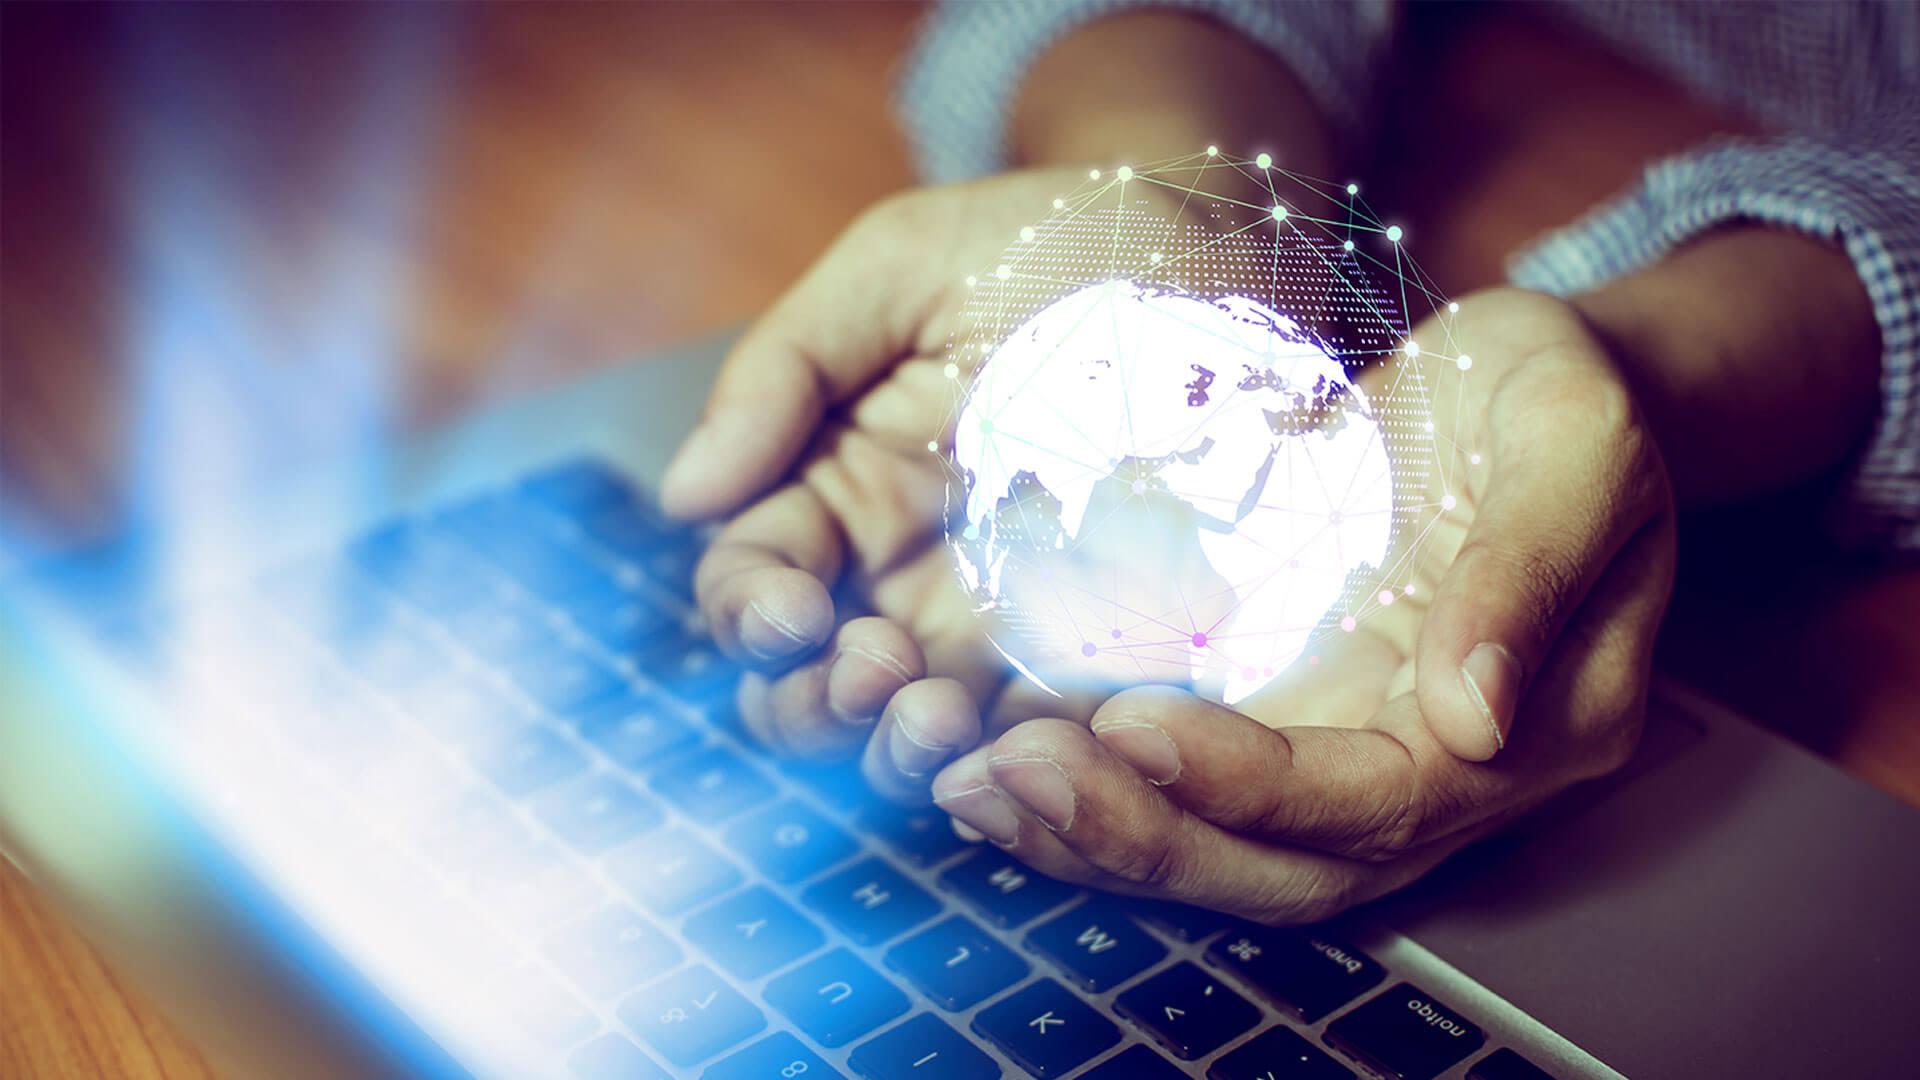 Laptop-Hand-Weltkuge